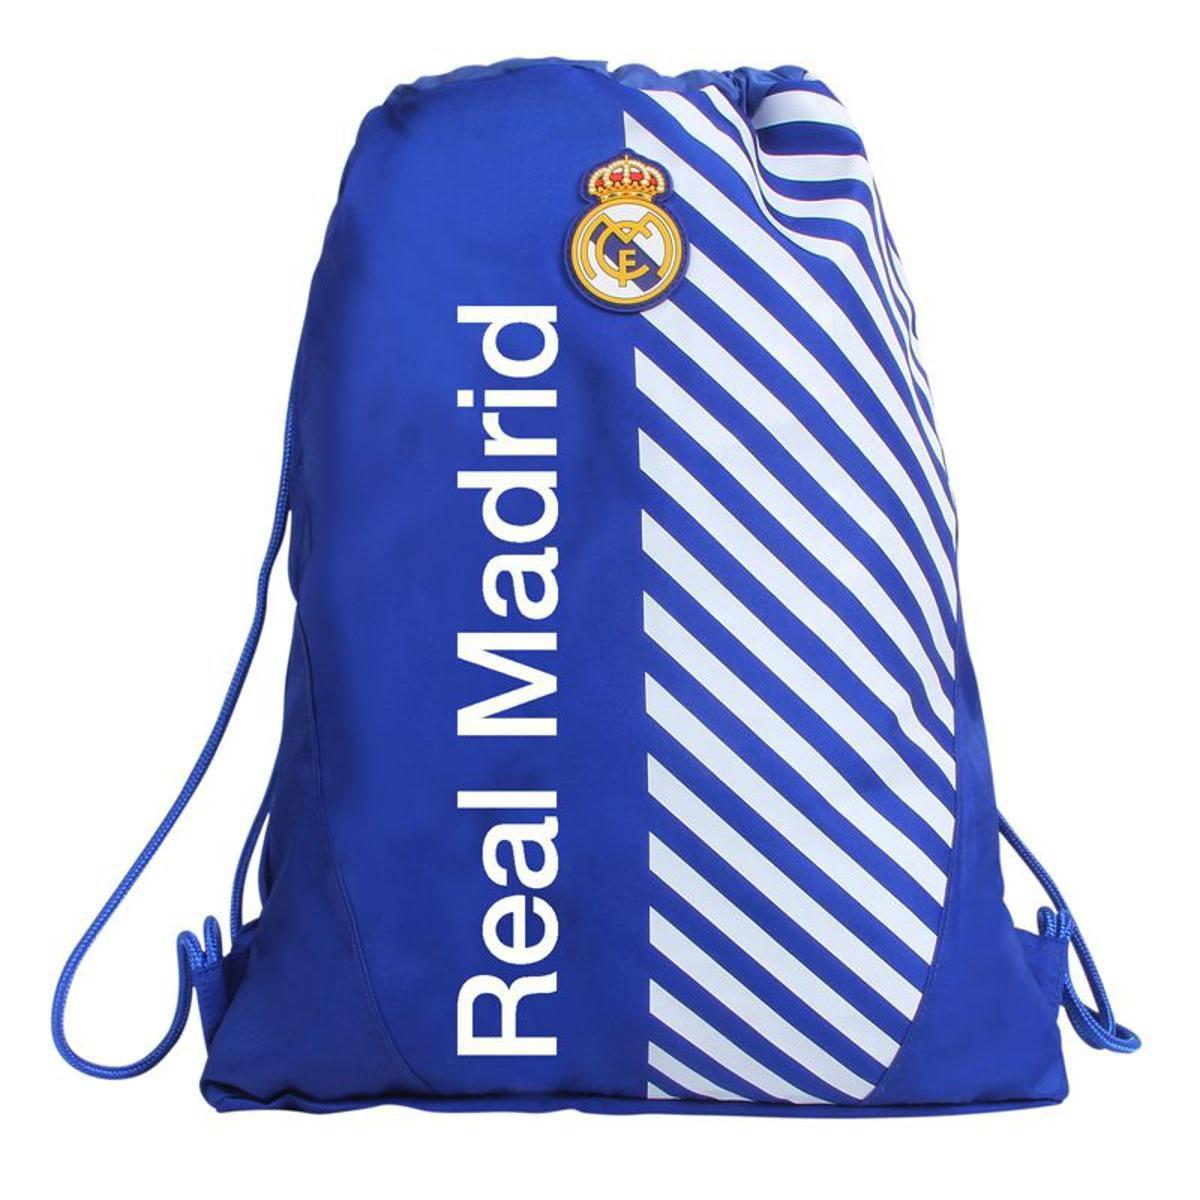 Mochila Saco Real Madrid DMW Azul Royal ref. 49210